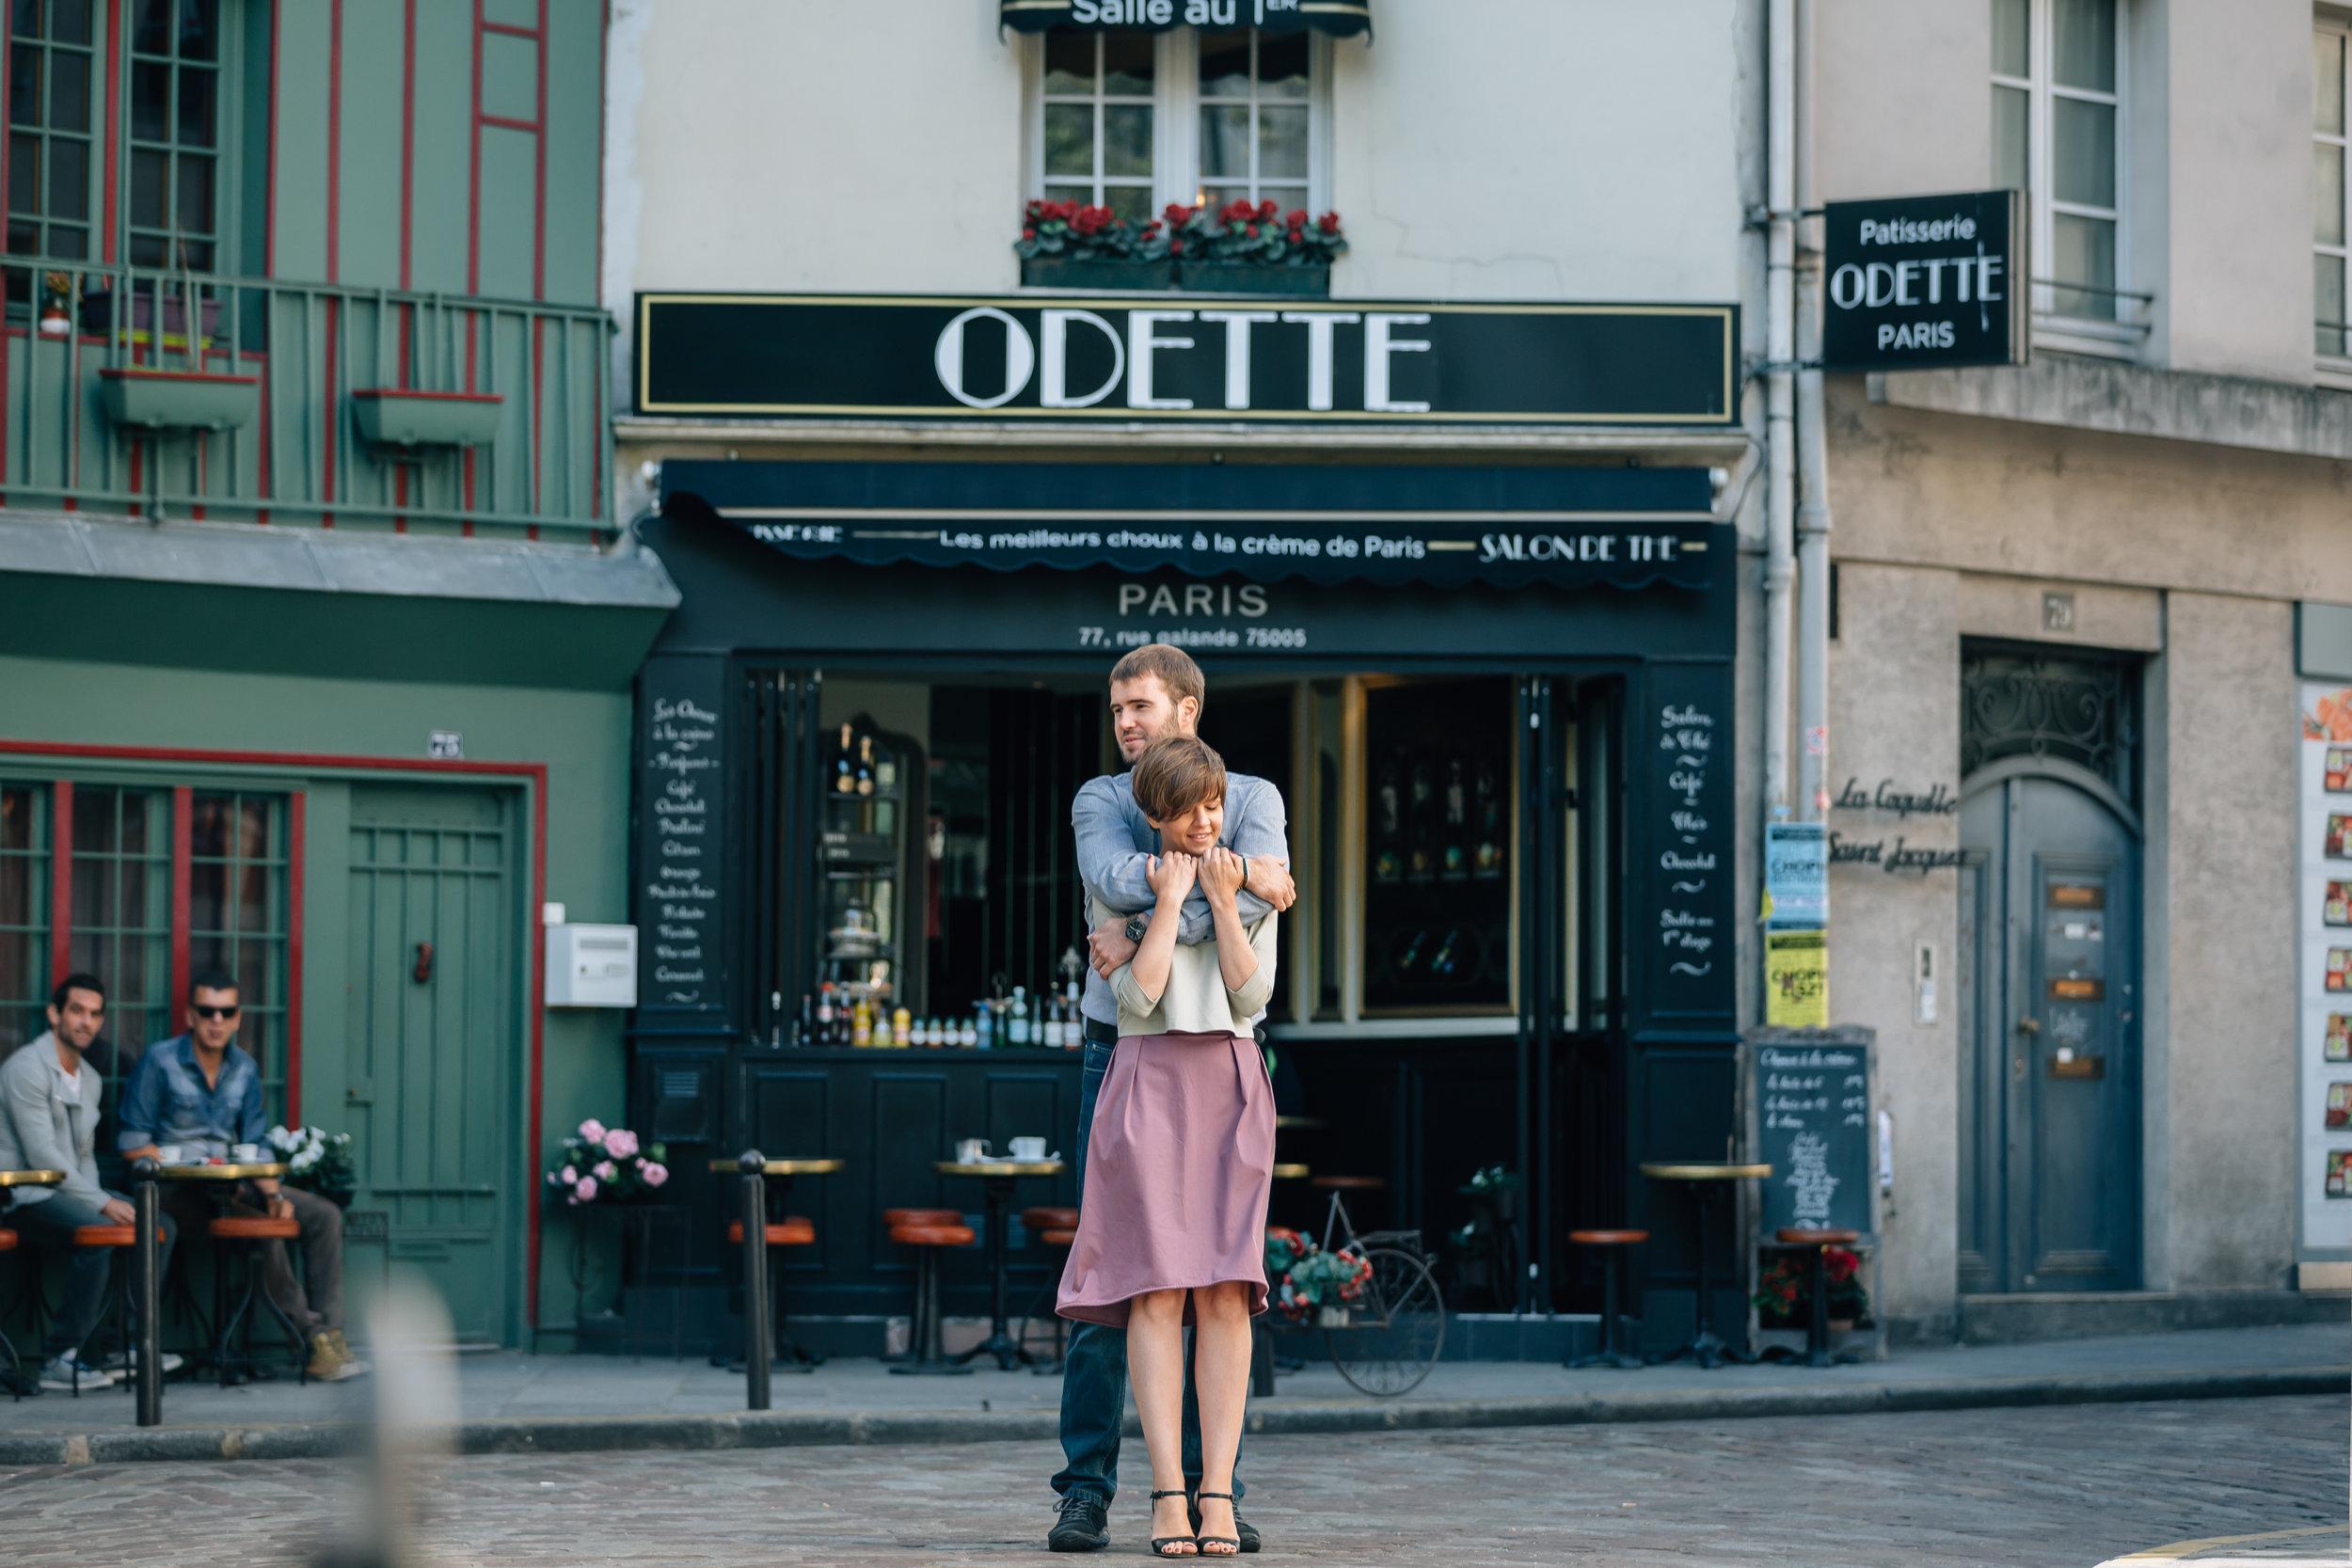 paris photographer honeymoon couple session portrait by odette cafe at saint germain